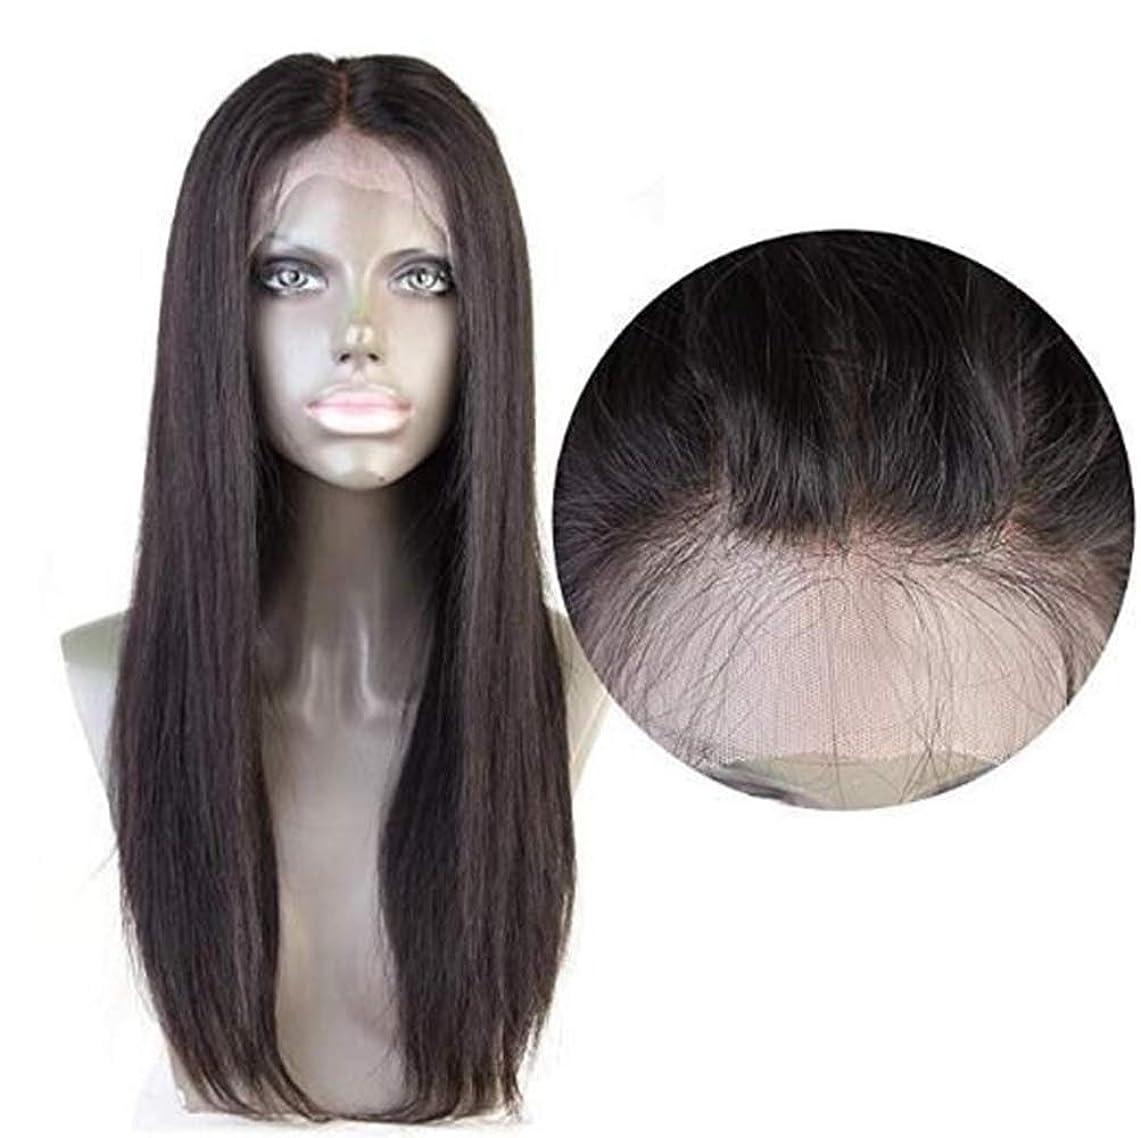 チャンスキャンベラ侵略女性ストレートヘア4×4レース前頭かつらブラジルバージン人間の髪赤ちゃんの髪自然な色で